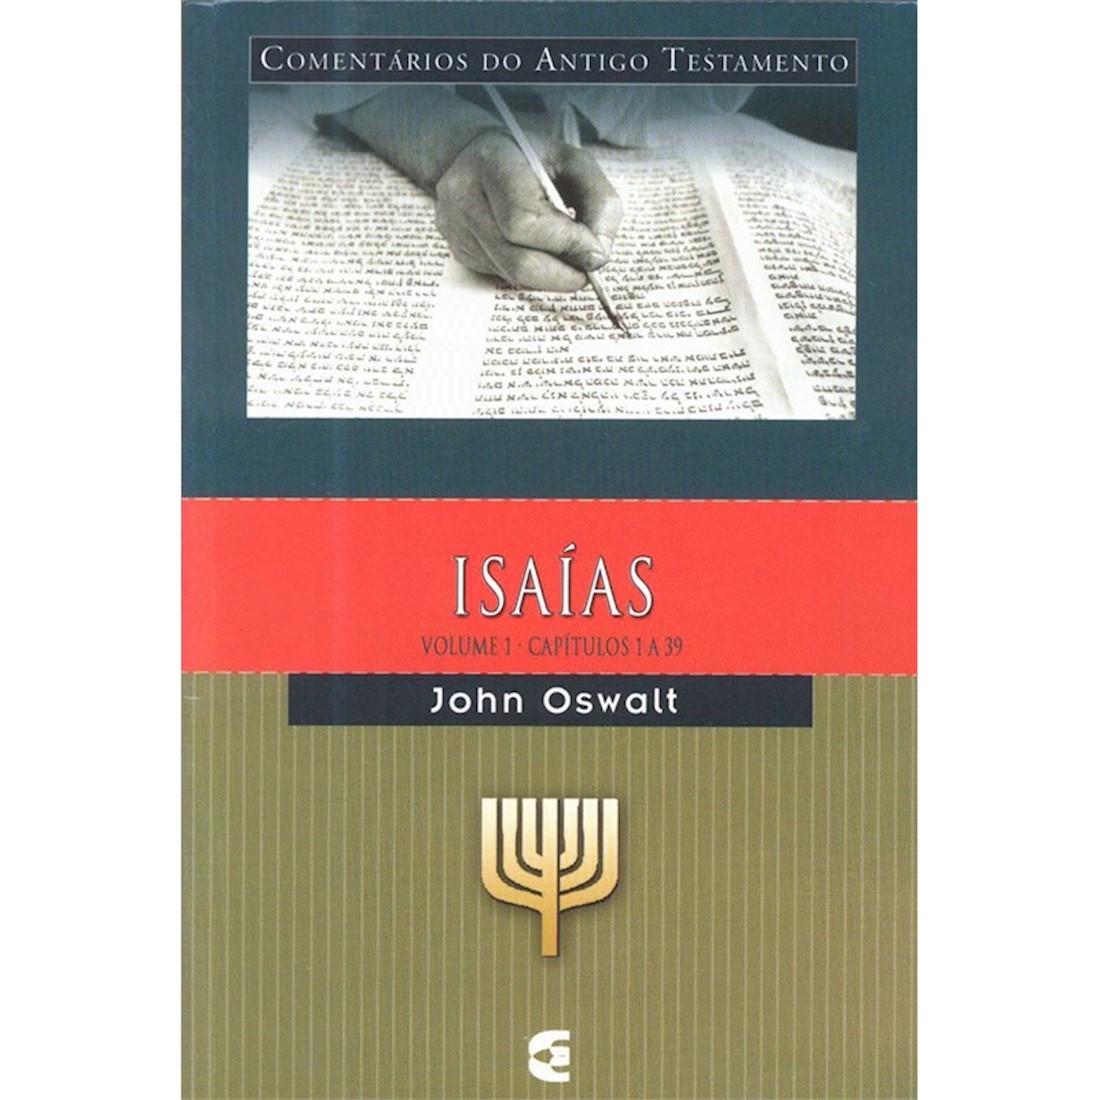 Livro Comentário Bíblico do Antigo Testamento - Isaías - Vol. 1